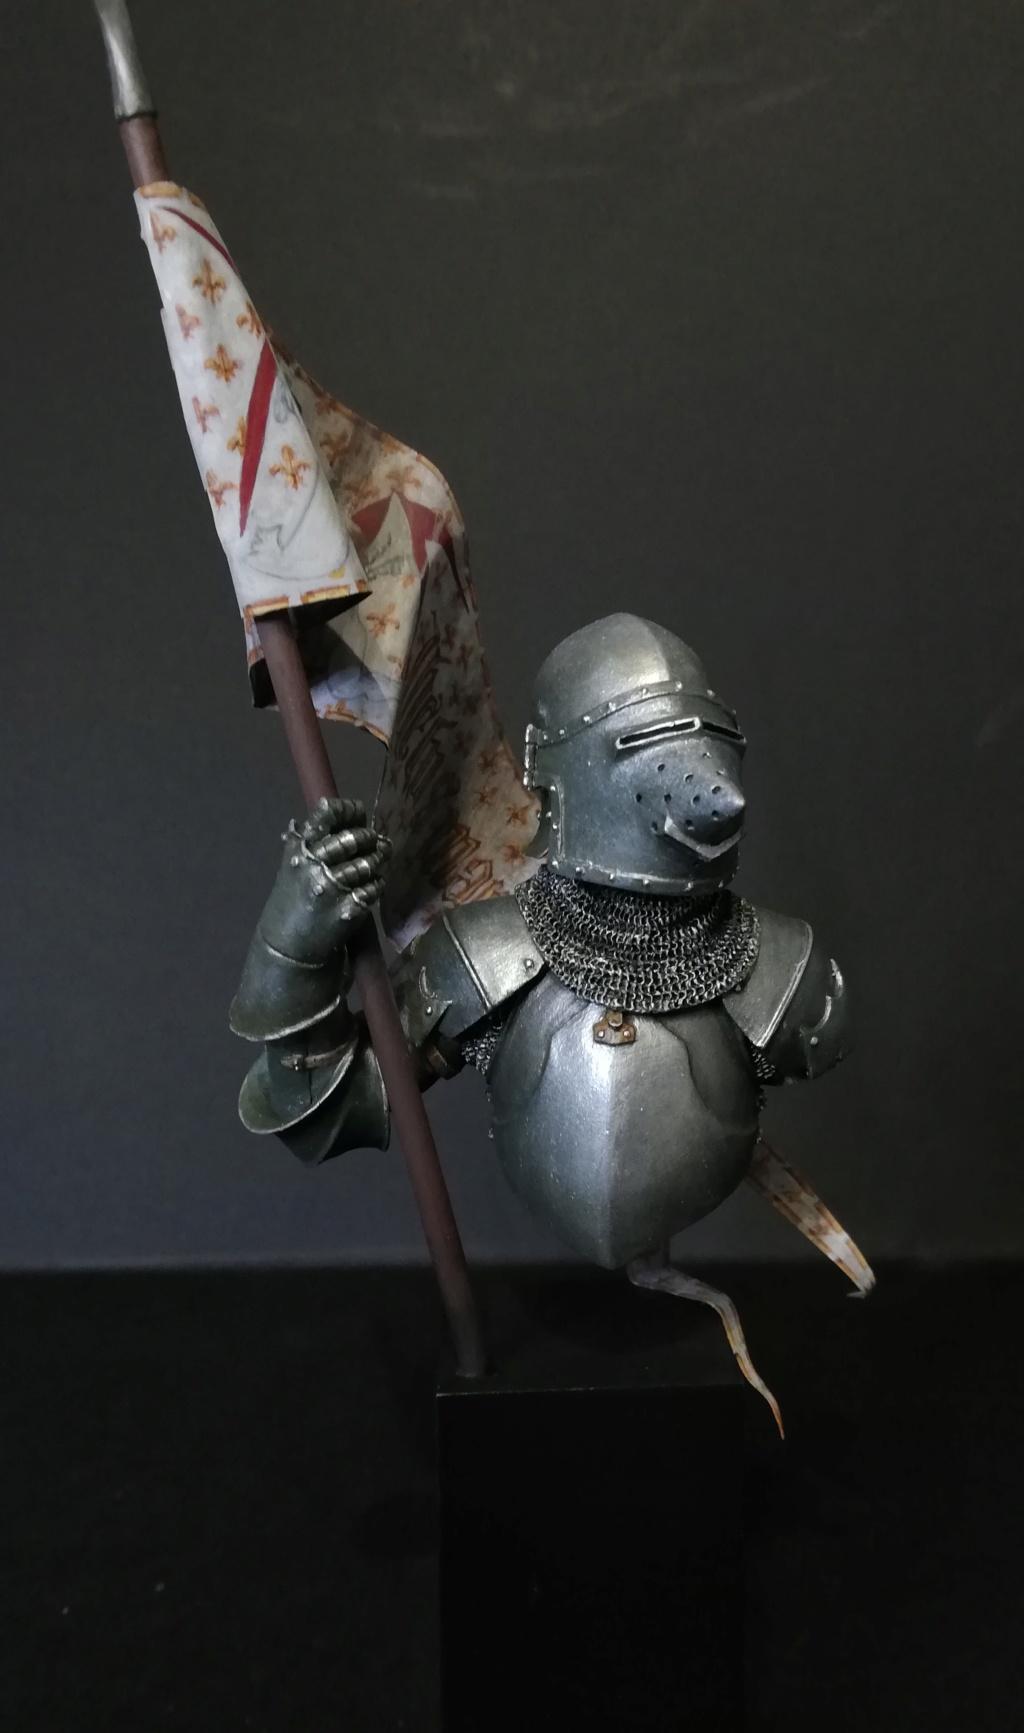 Jeanne d'Arc - retouches et nouvelles photos - Page 2 Jeanne47